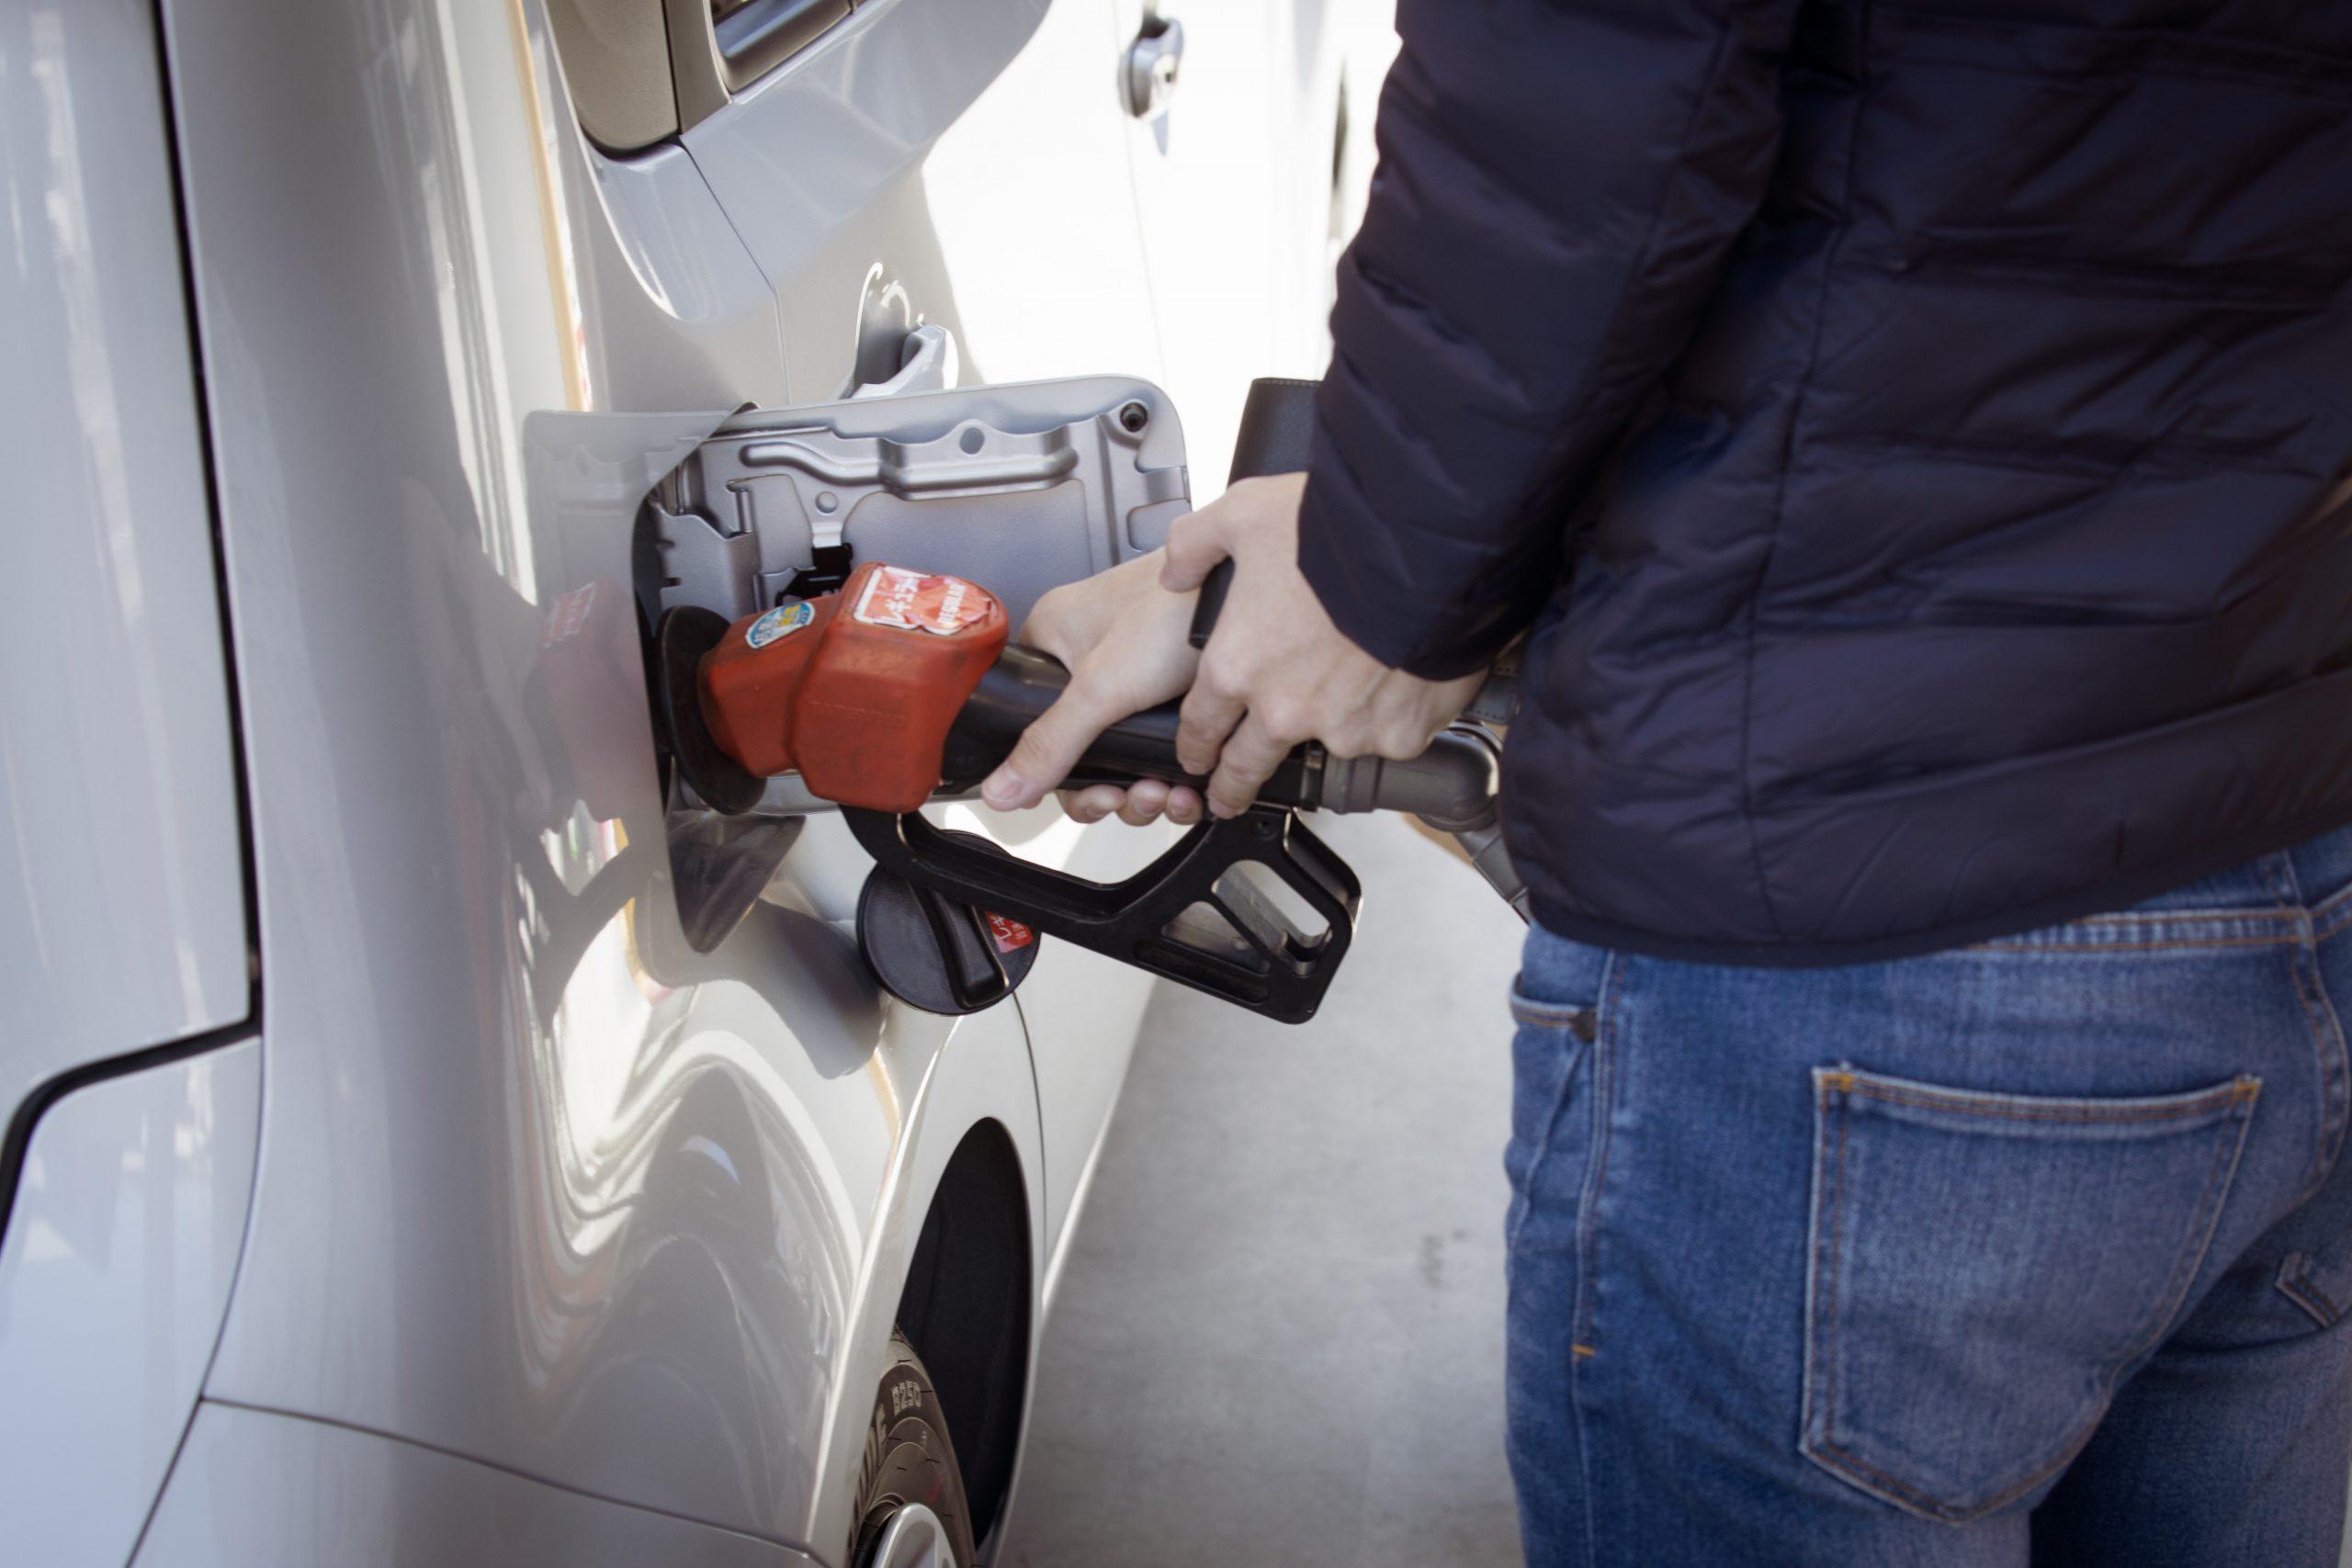 Câți litri de benzină poate cumpăra un român cu salariu mediu? Cât de scump e carburantul la noi și în ce țară din UE poți cumpăra 3.580 de litri de bezină din salariul mediu